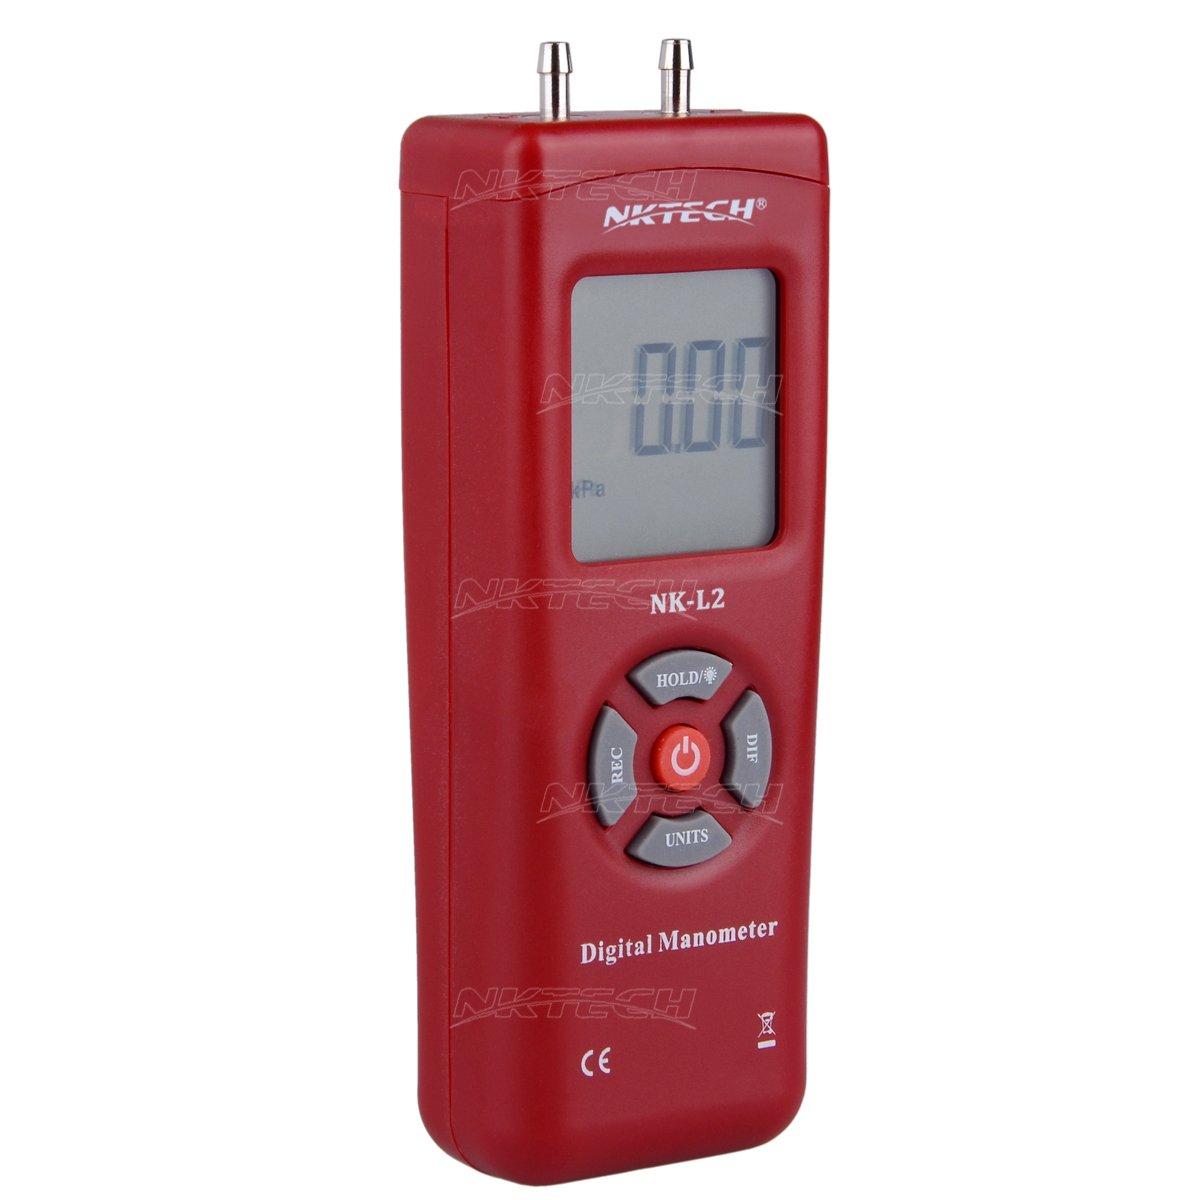 NK-L2-Red nktech 1890 Digital man/ómetro diferencial Medidor de presi/ón de aire calibres /± 13.79kpa /± 2psi /± 55.4h2o Gas Tester Gauge Medida 11 seleccionable de unidades